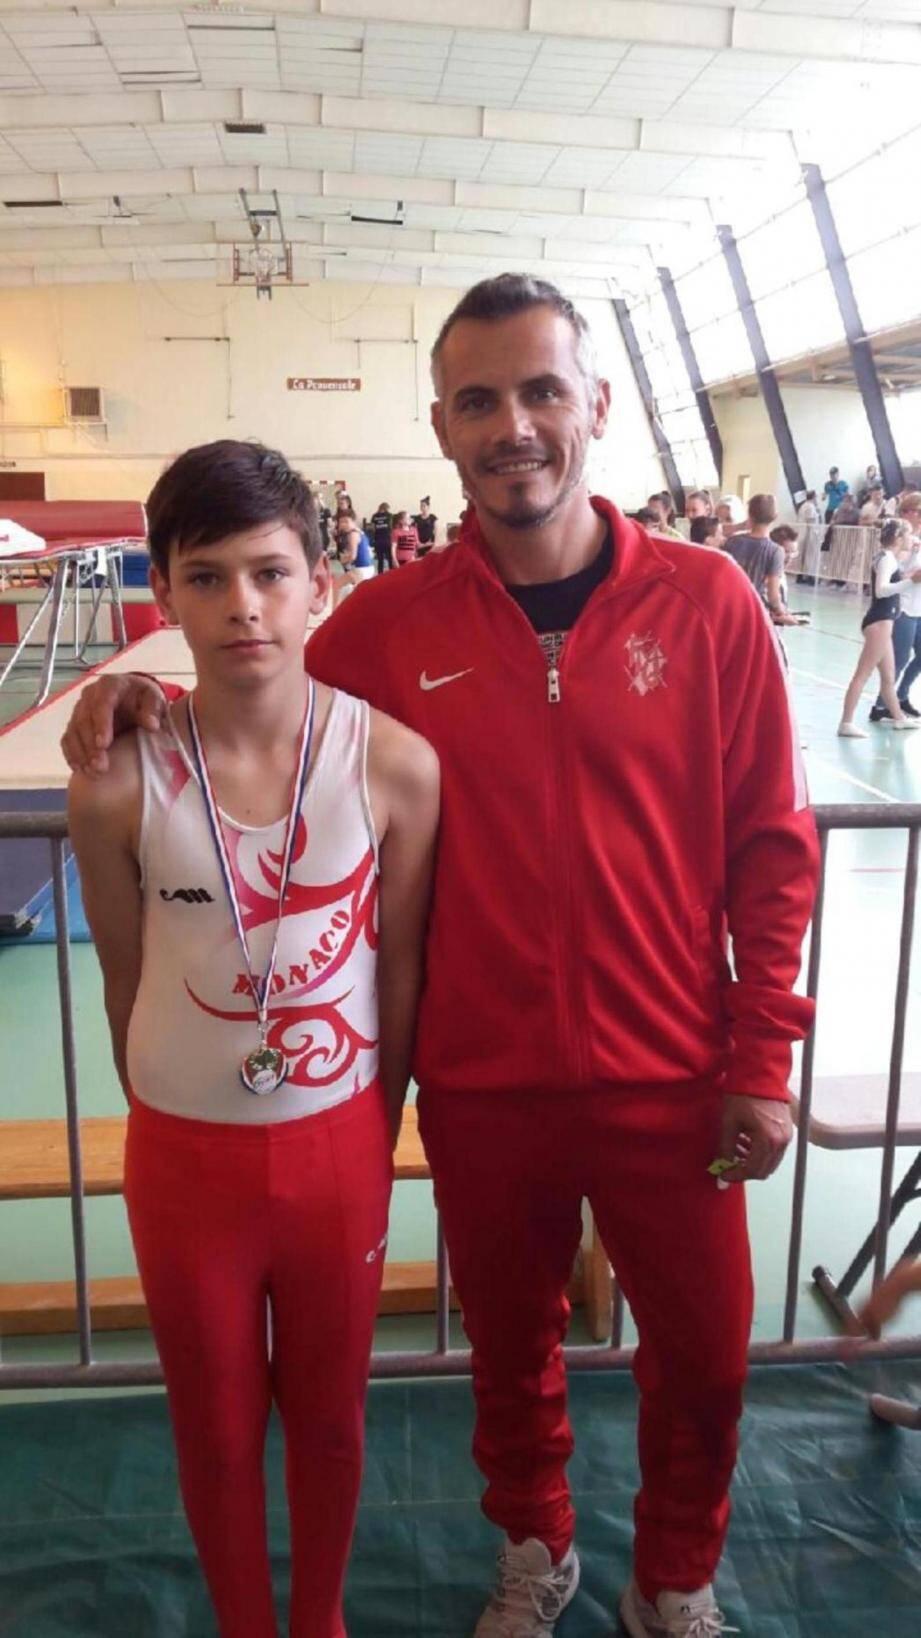 Le jeune Lorenzo, ici à côté de son entraîneur, obtient une magnifique médaille d'or lors de la Coupe régionale dans la catégorie 11-12 ans.